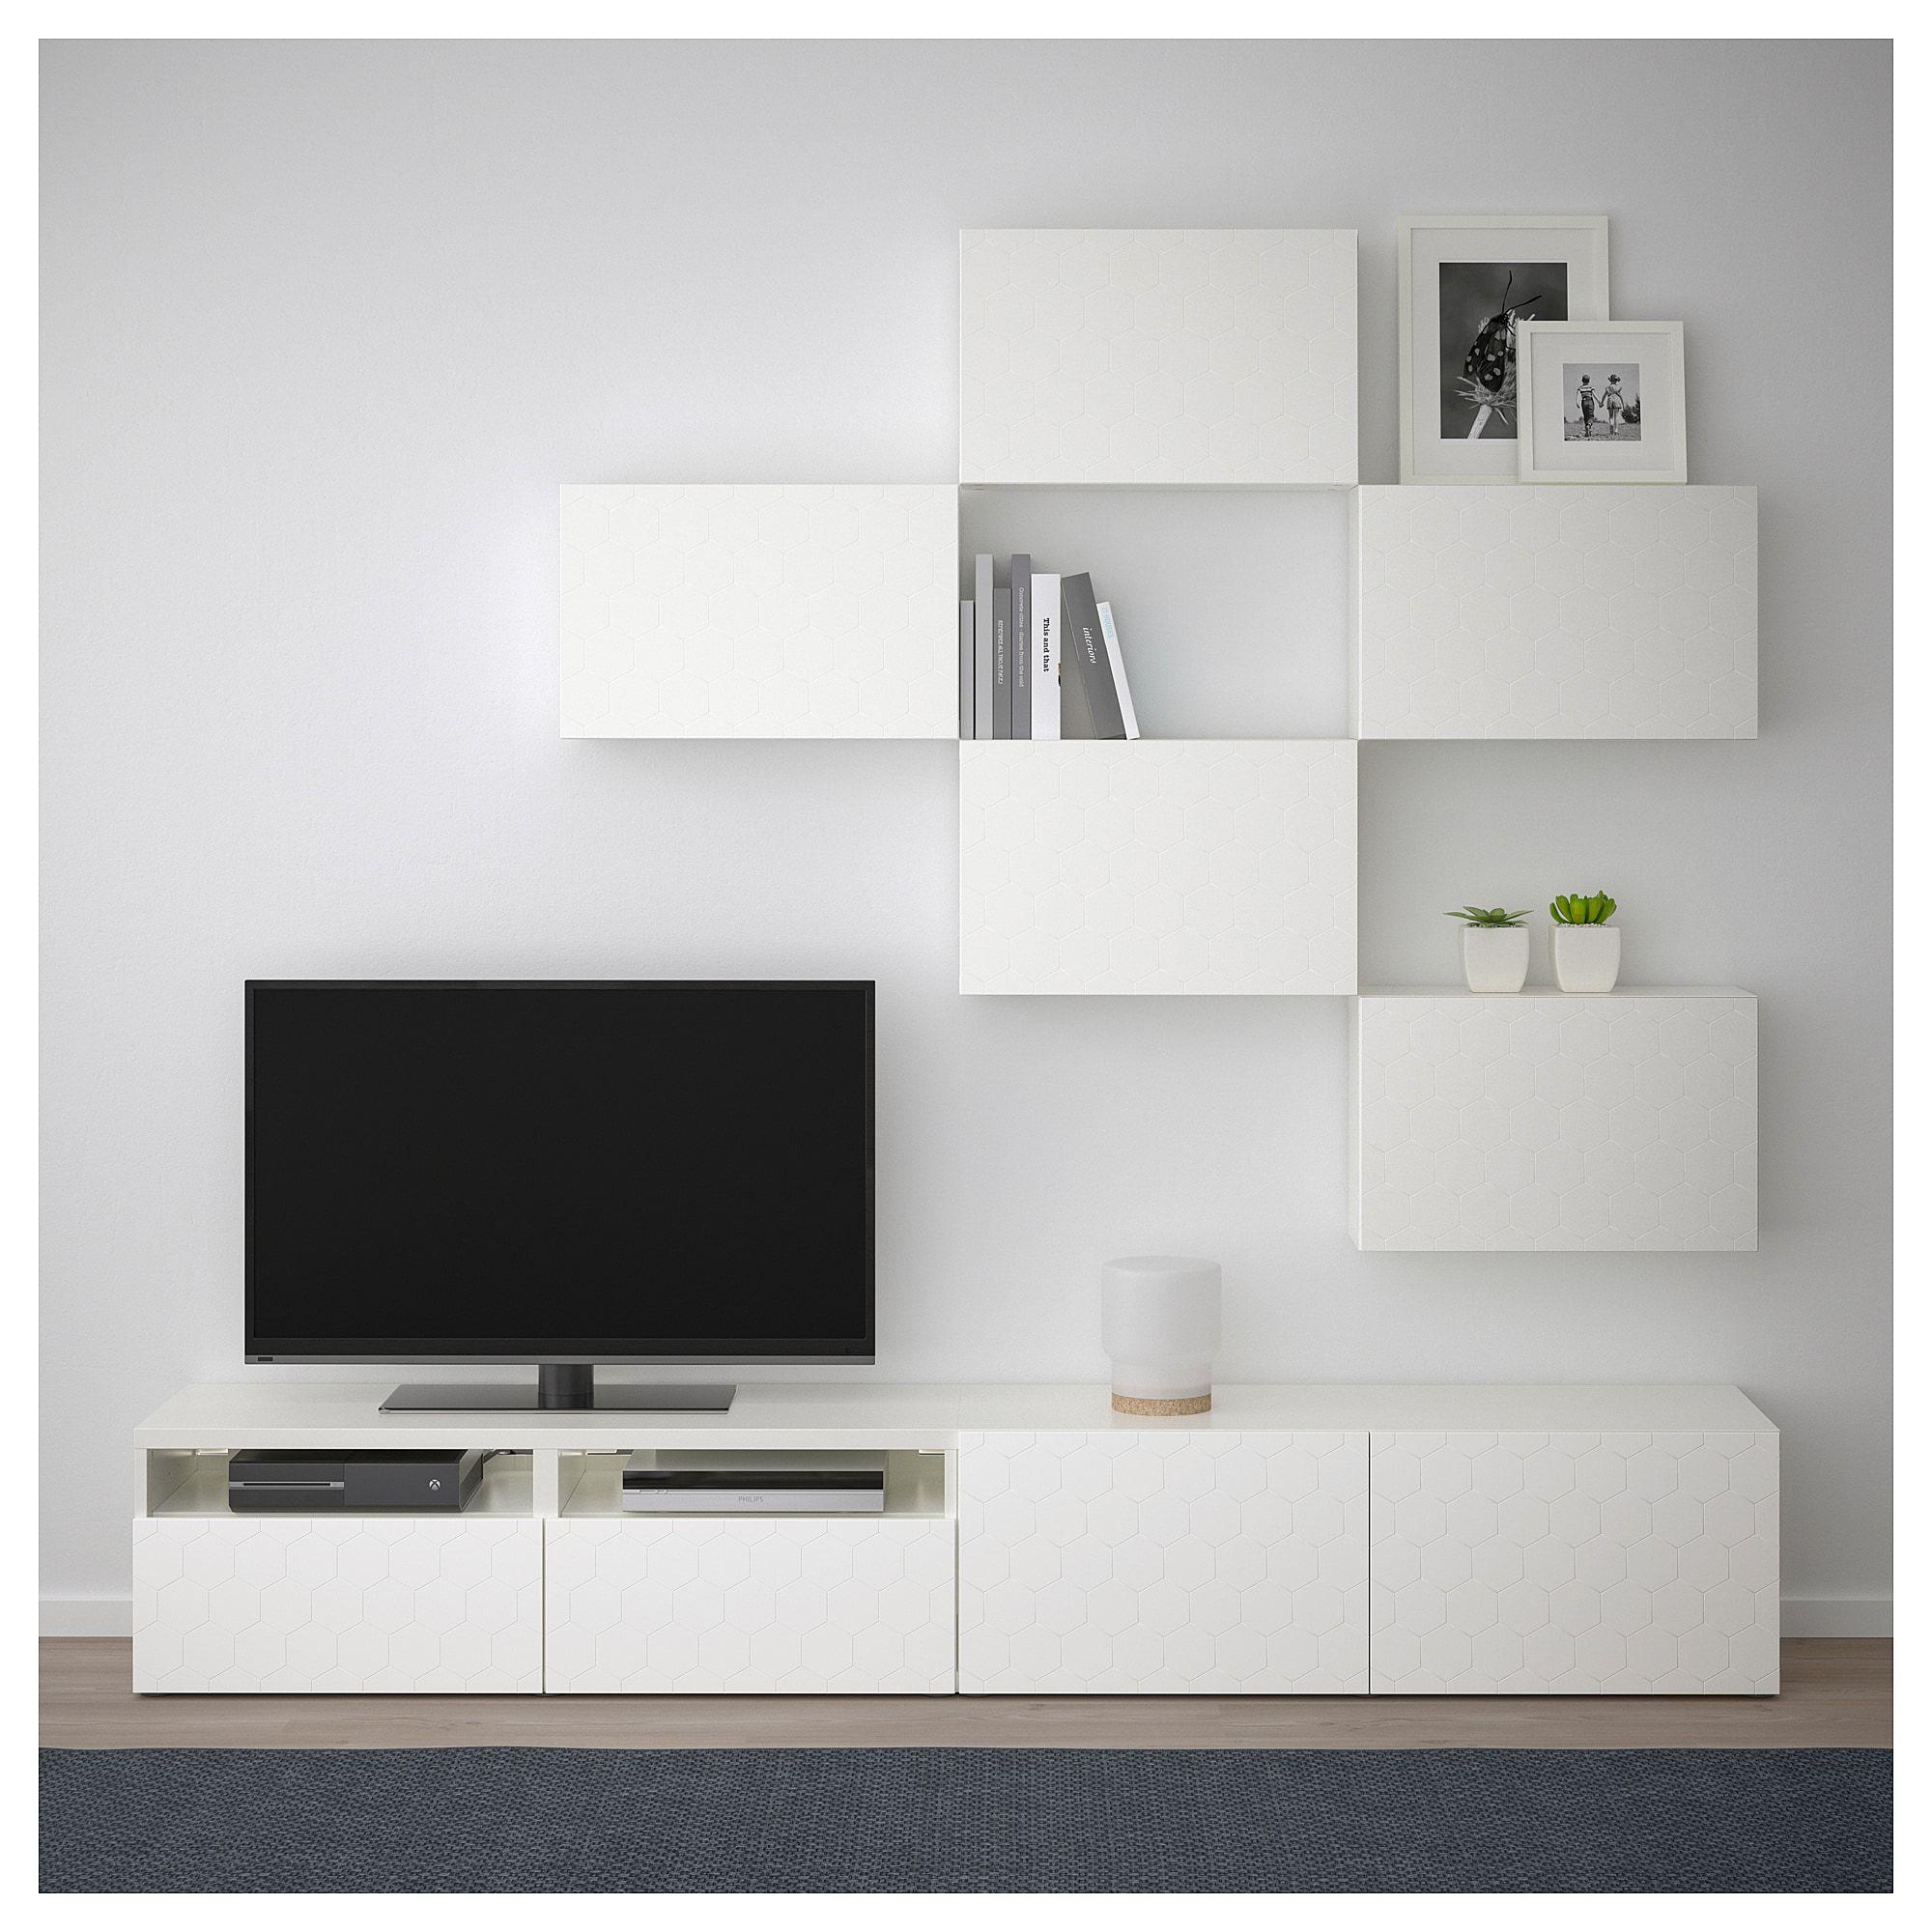 Besta Tv Mobel Kombination Weiss Vassviken Weiss Ikea